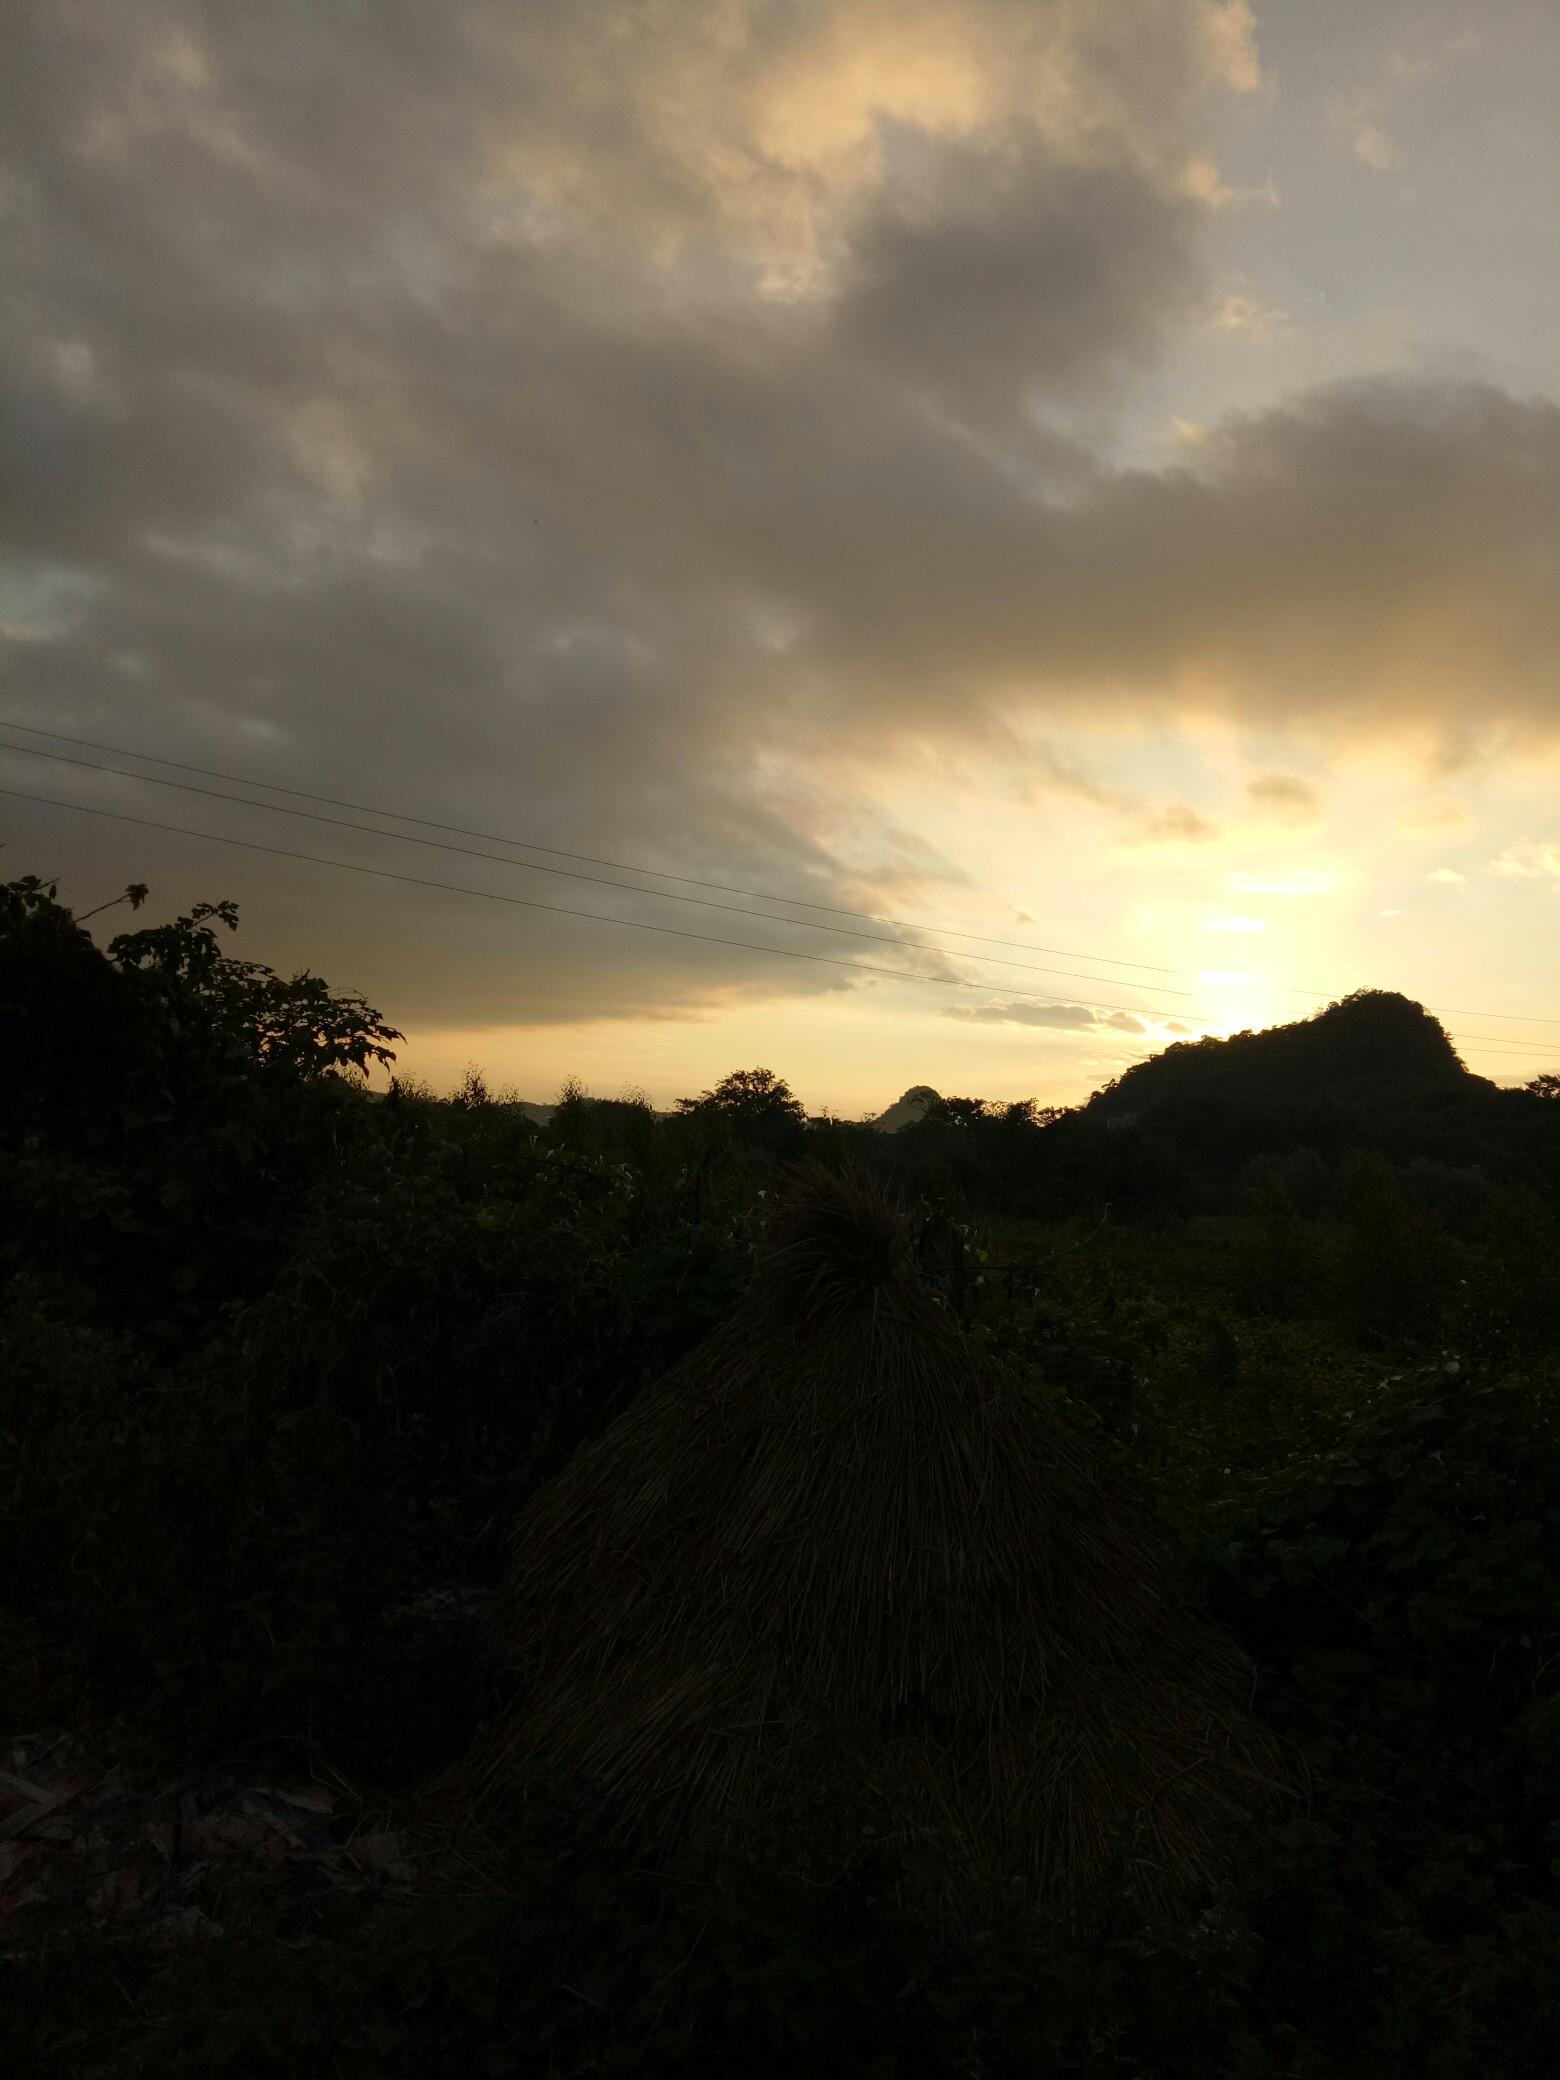 刚刚升起的太阳